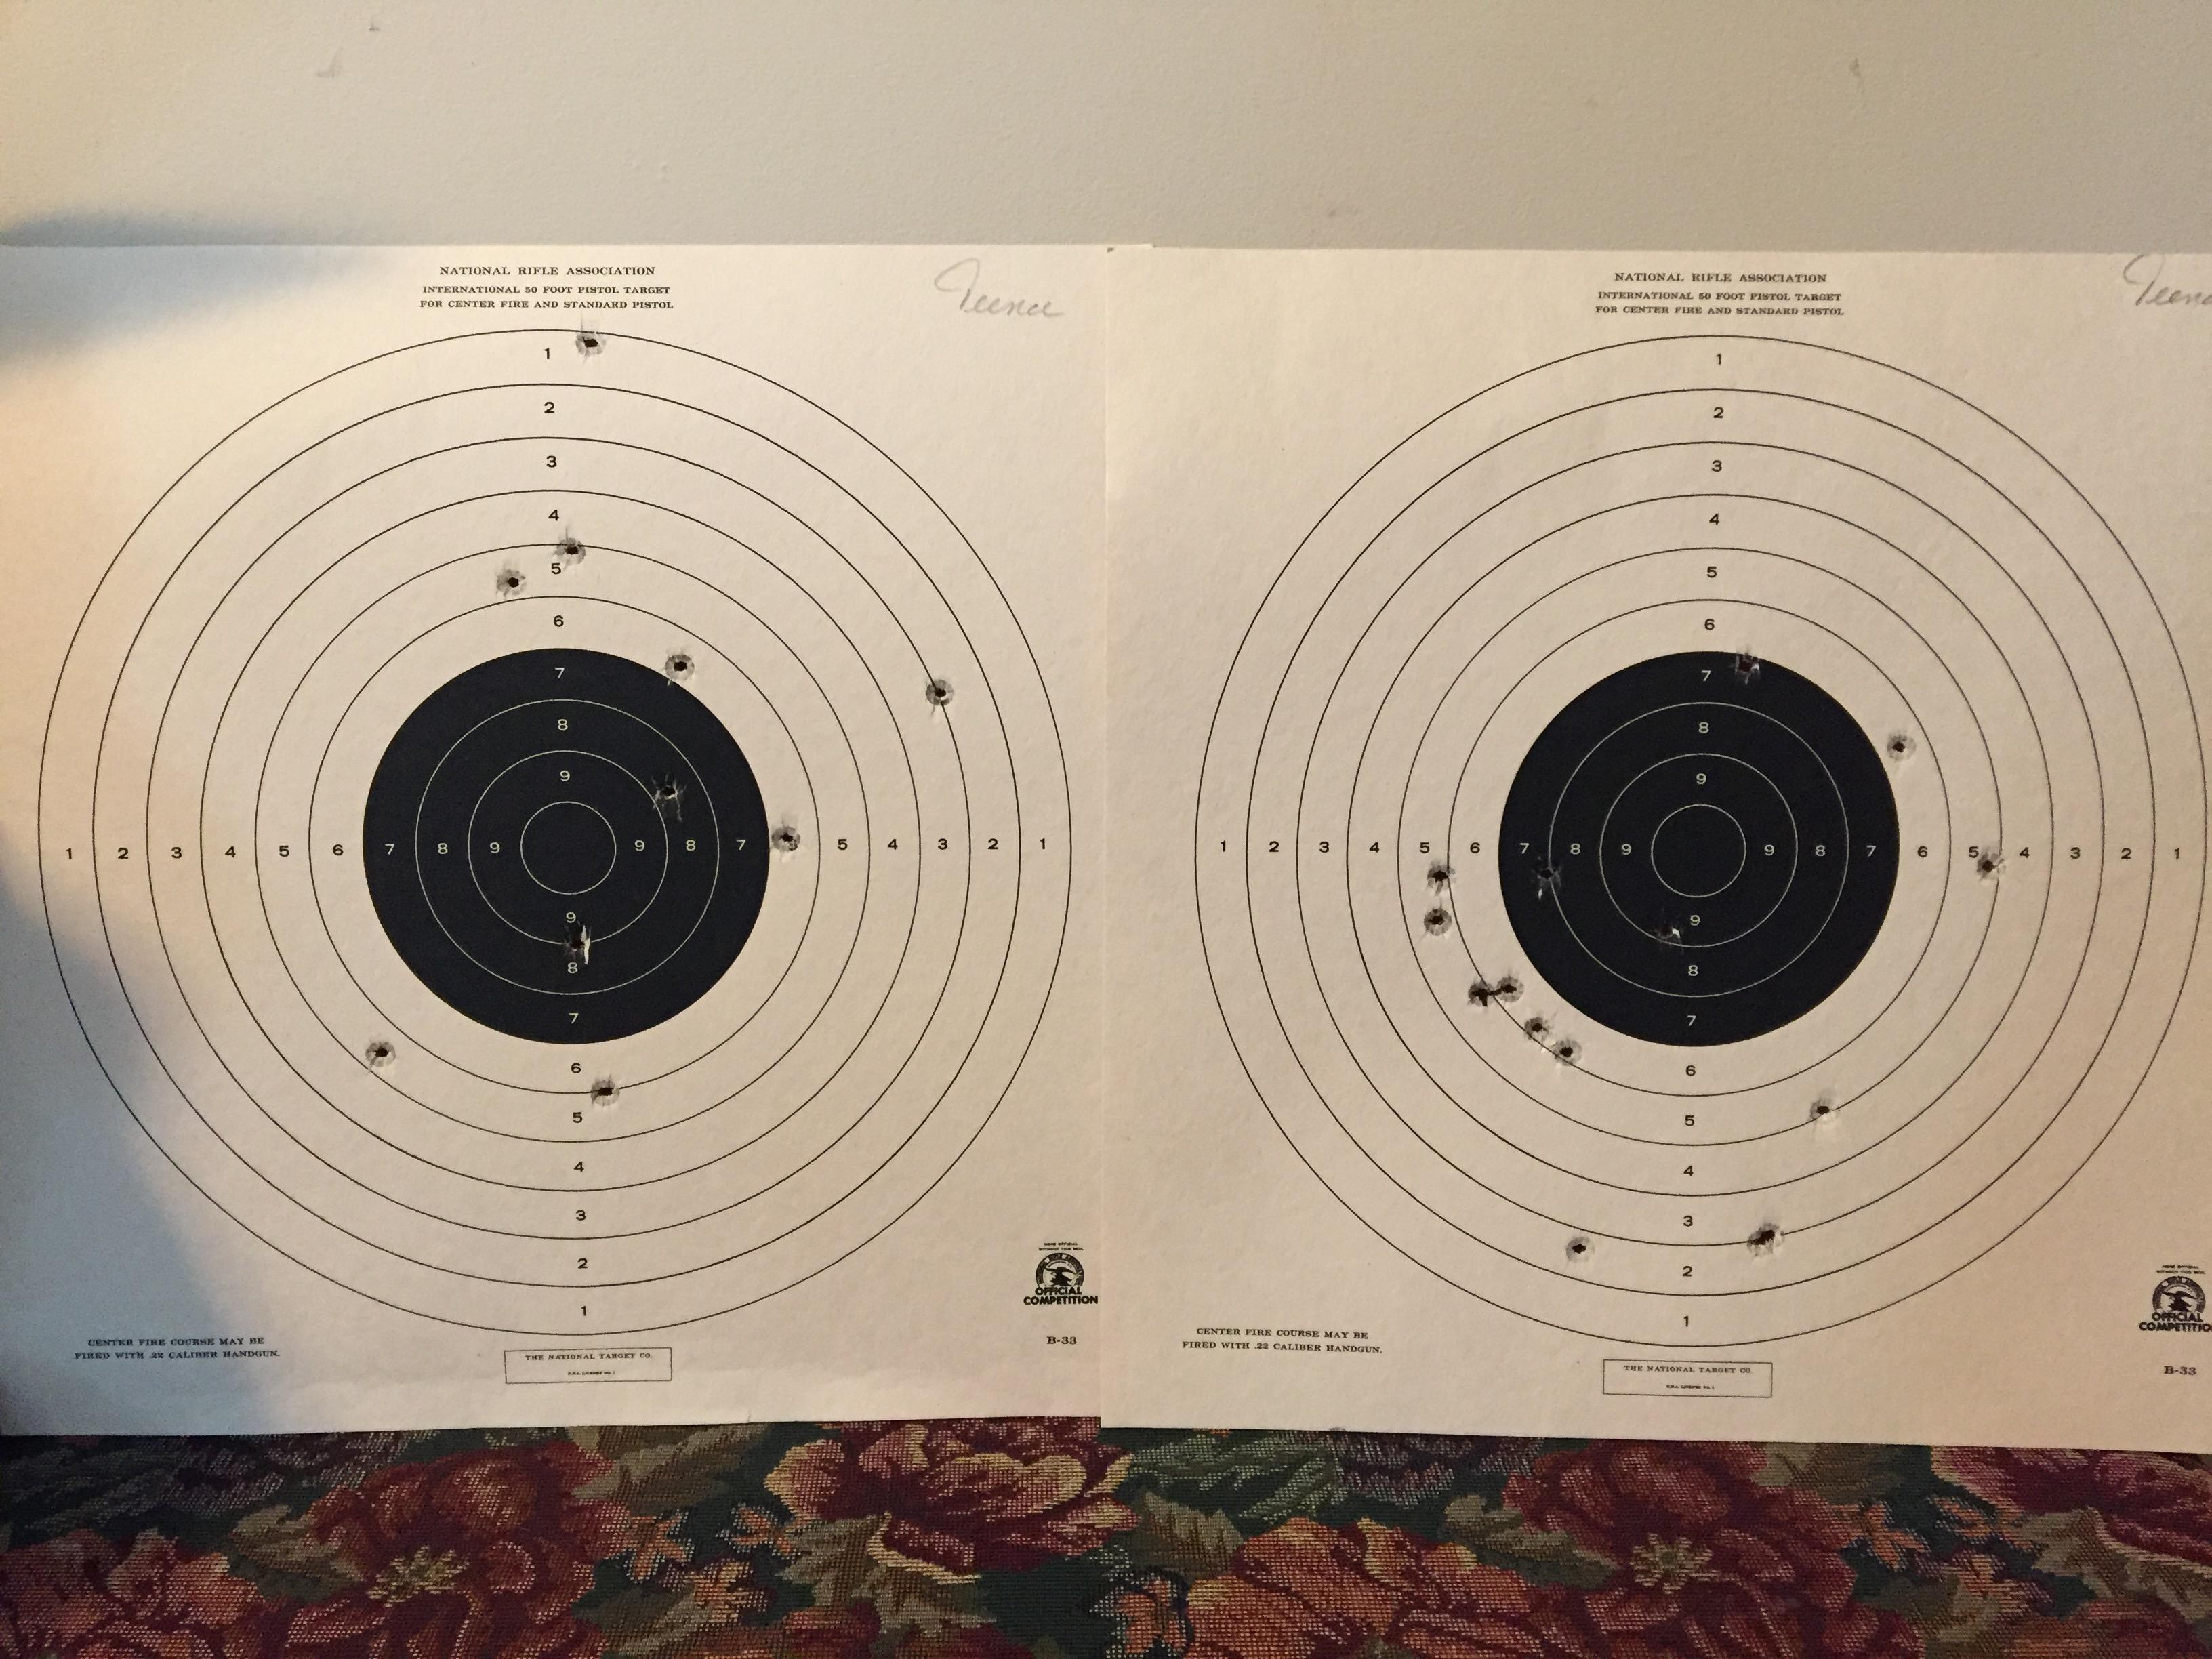 Gun Range Targets Left - Ben, Right - Me